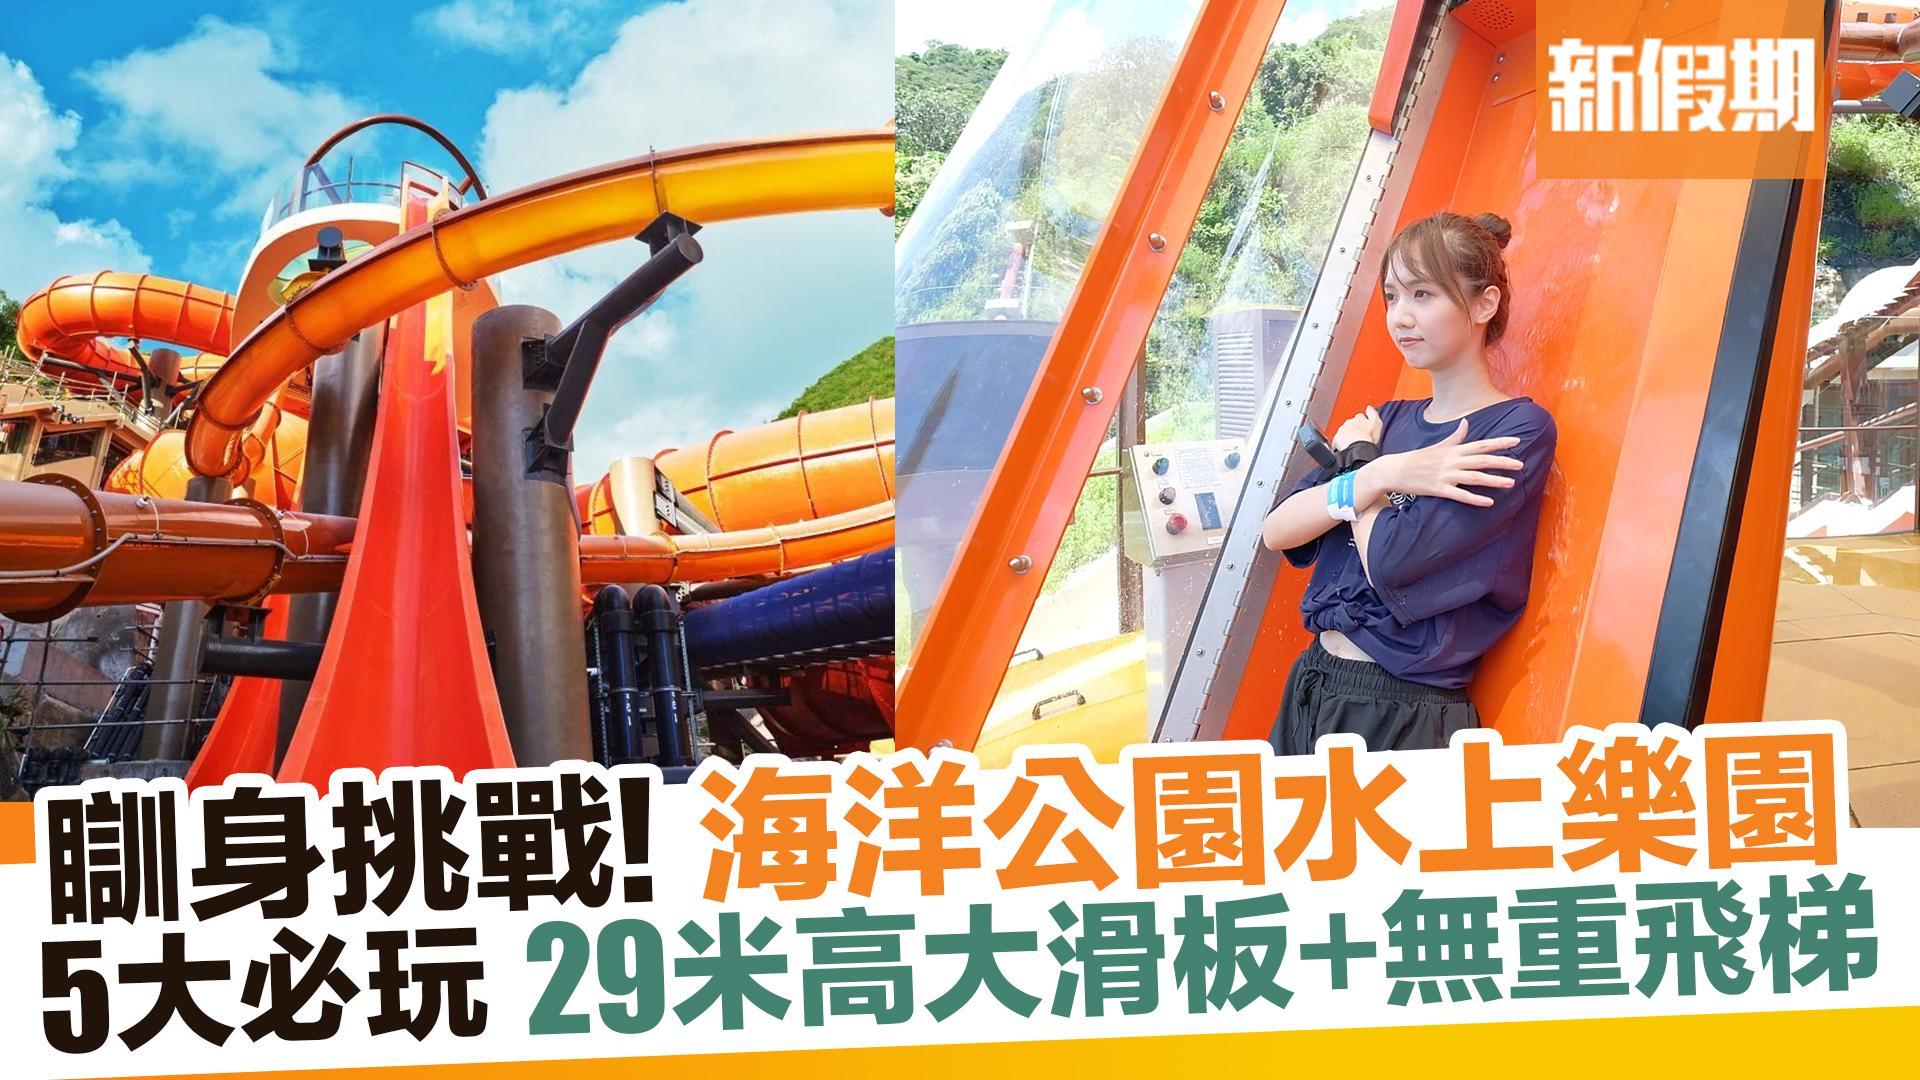 【香港好去處】海洋公園水上樂園全面曝光 實玩5大主題區域 必玩2大全新滑梯:沖天瀑布+深谷飛瀑|新假期